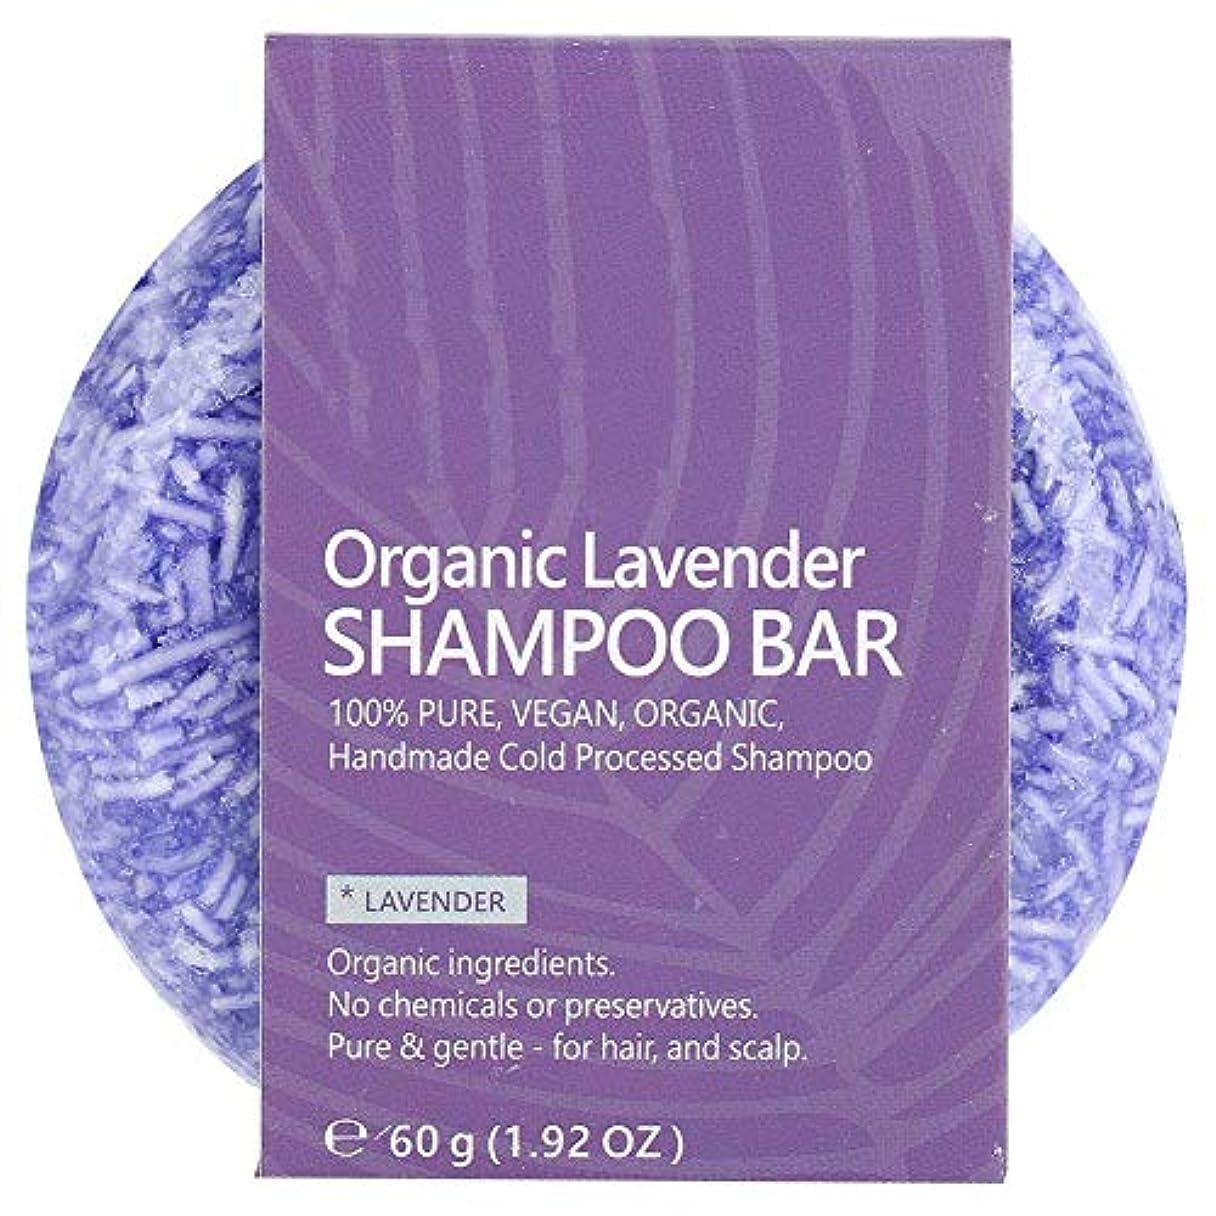 ウィスキー大胆な悪意のあるシャンプーバーヘアコンディショナーナチュラル植物エキスエッセンシャルオイルヘアシャンプーソープナイトシャンプーヘアトリートメント (ラベンダー)